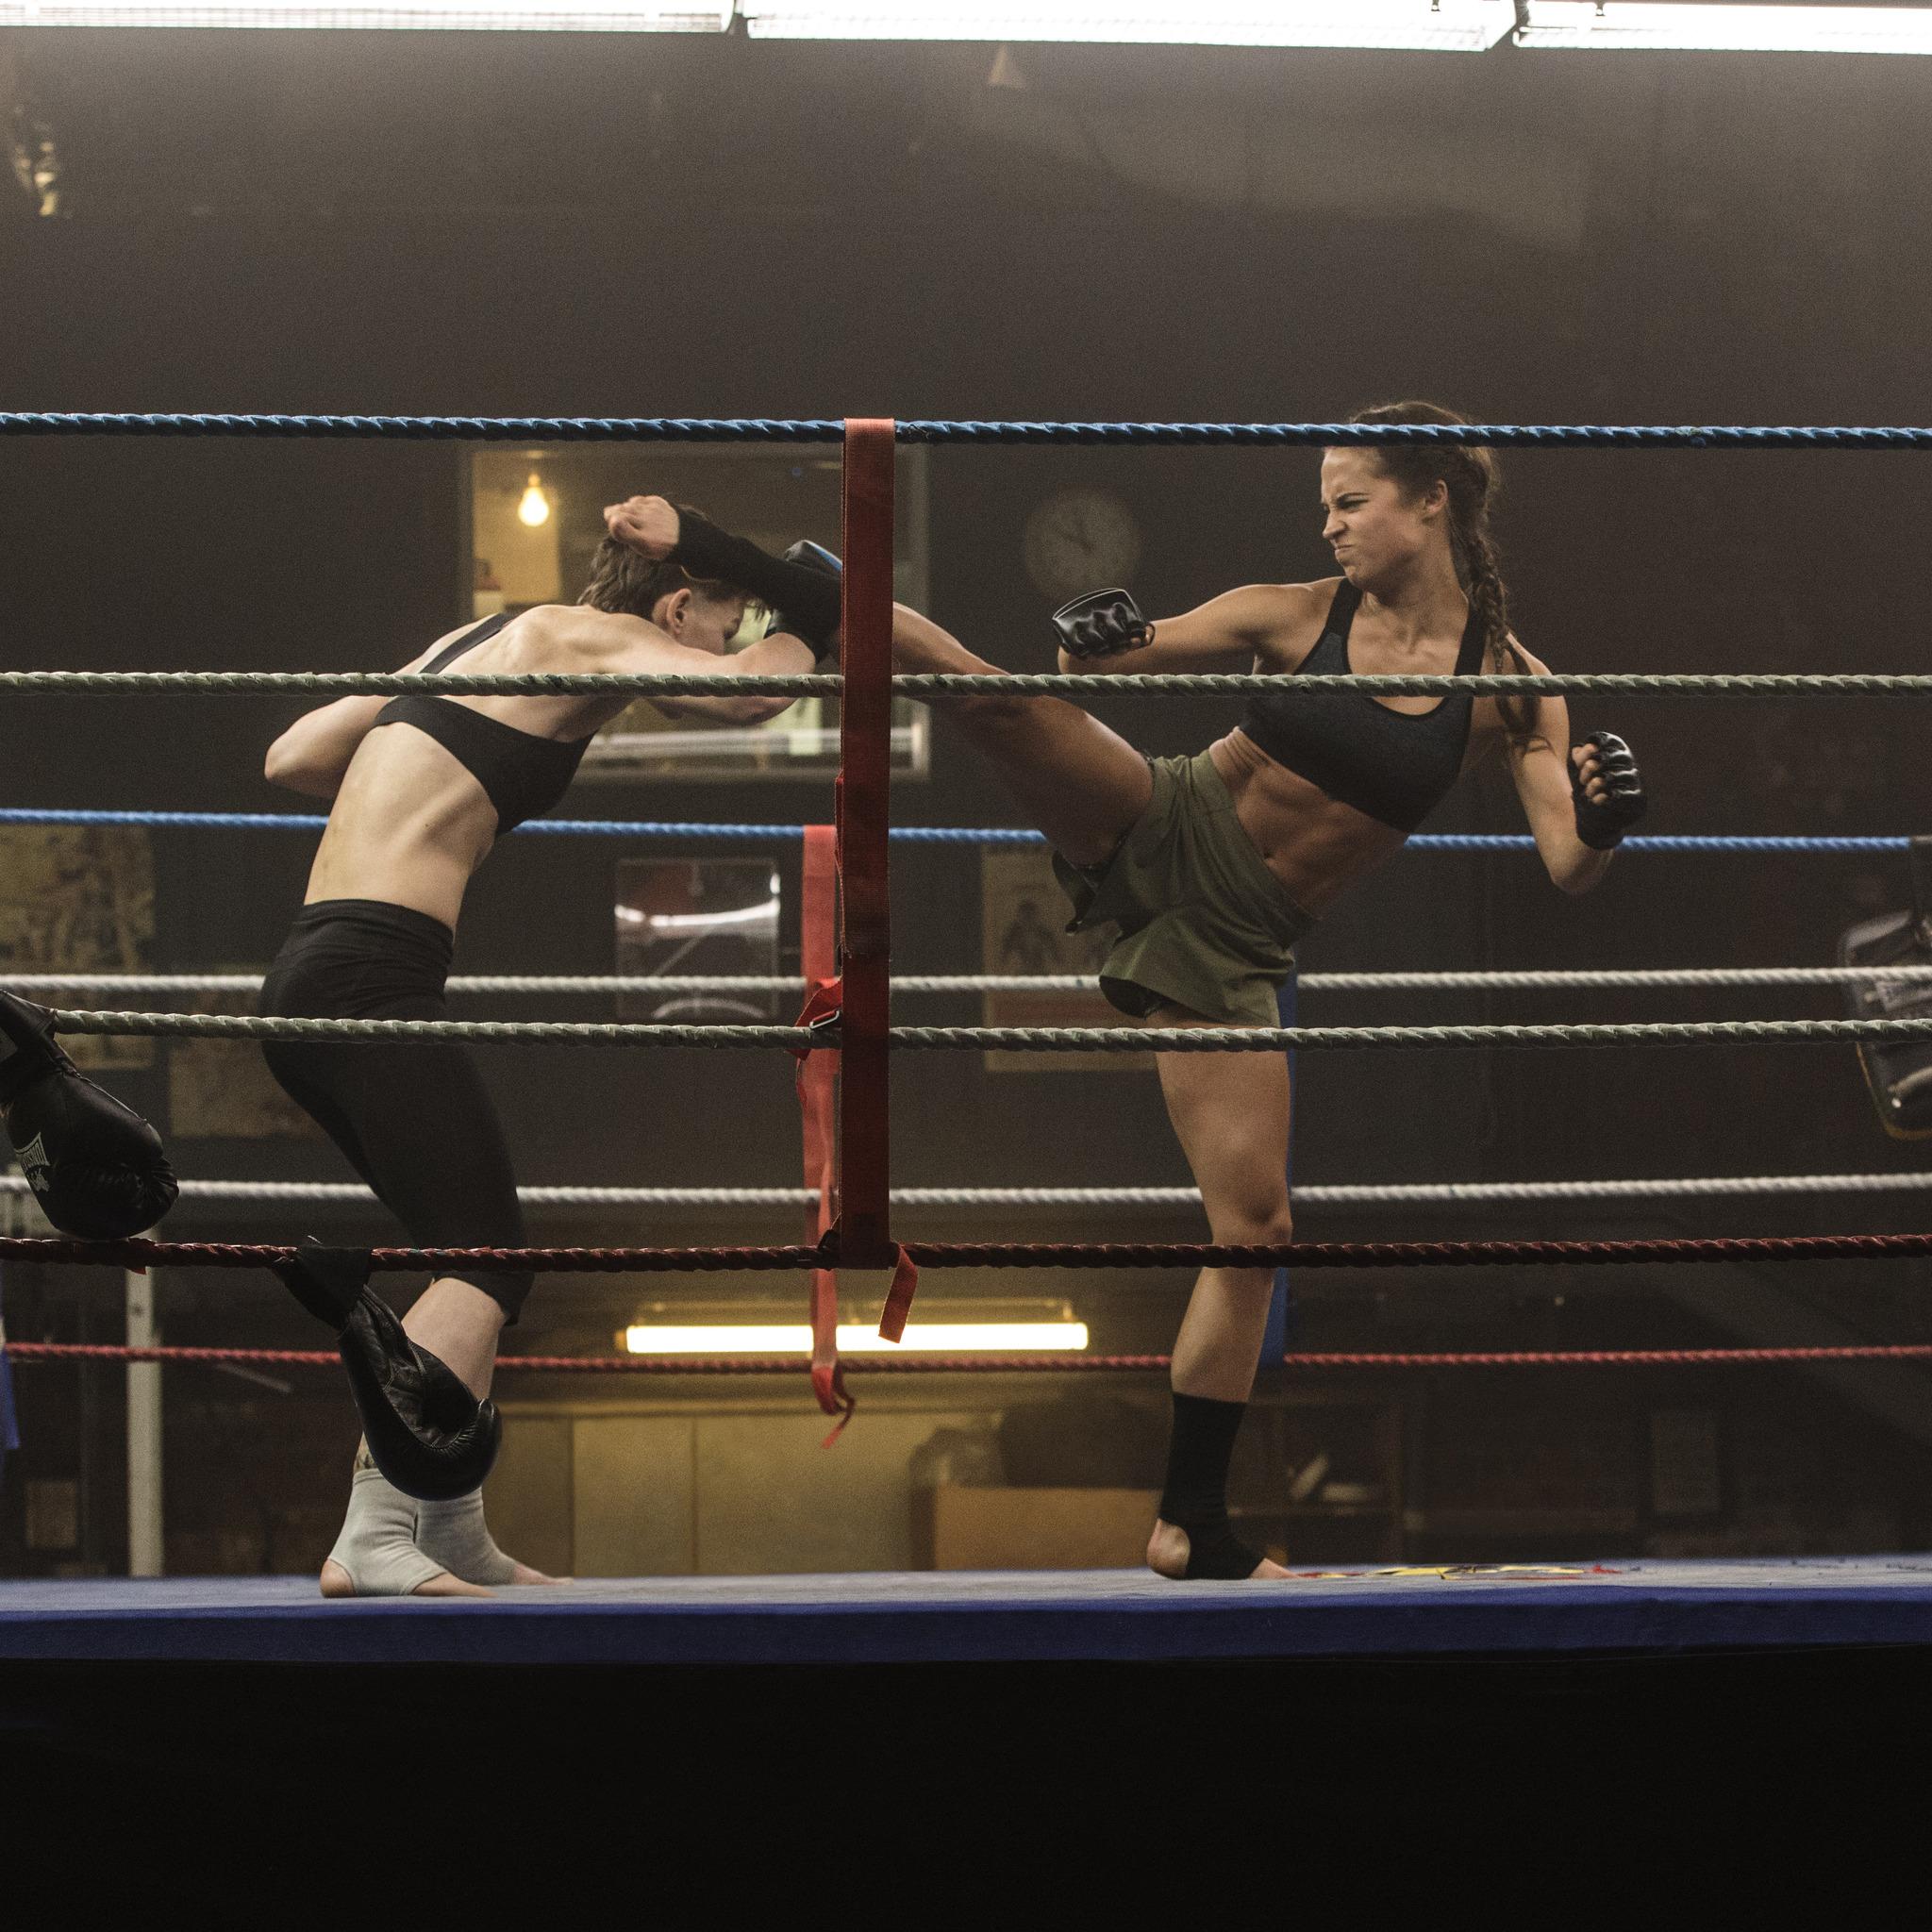 Wallpaper Tomb Raider 2018: 2048x2048 Tomb Raider 2018 Movie Alicia Vikander Doing